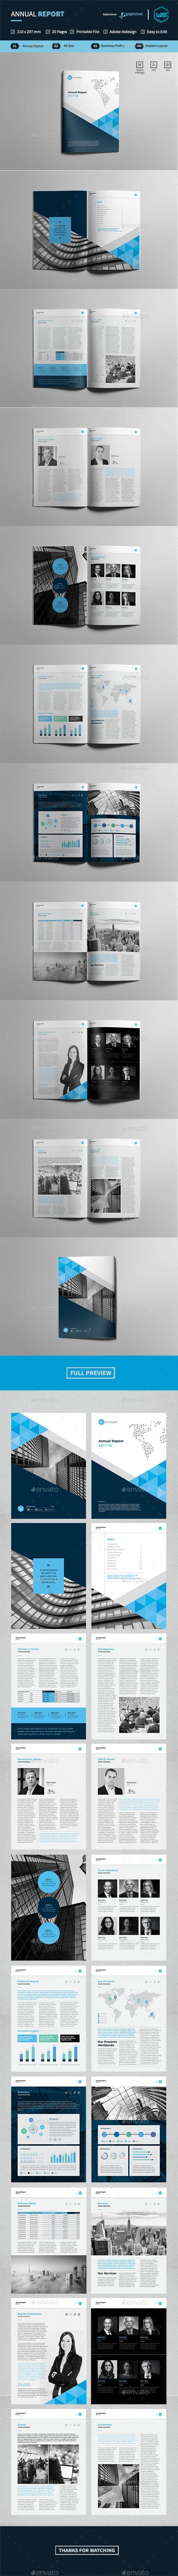 Annual Report | Diseño editorial, Ofertas y Editorial